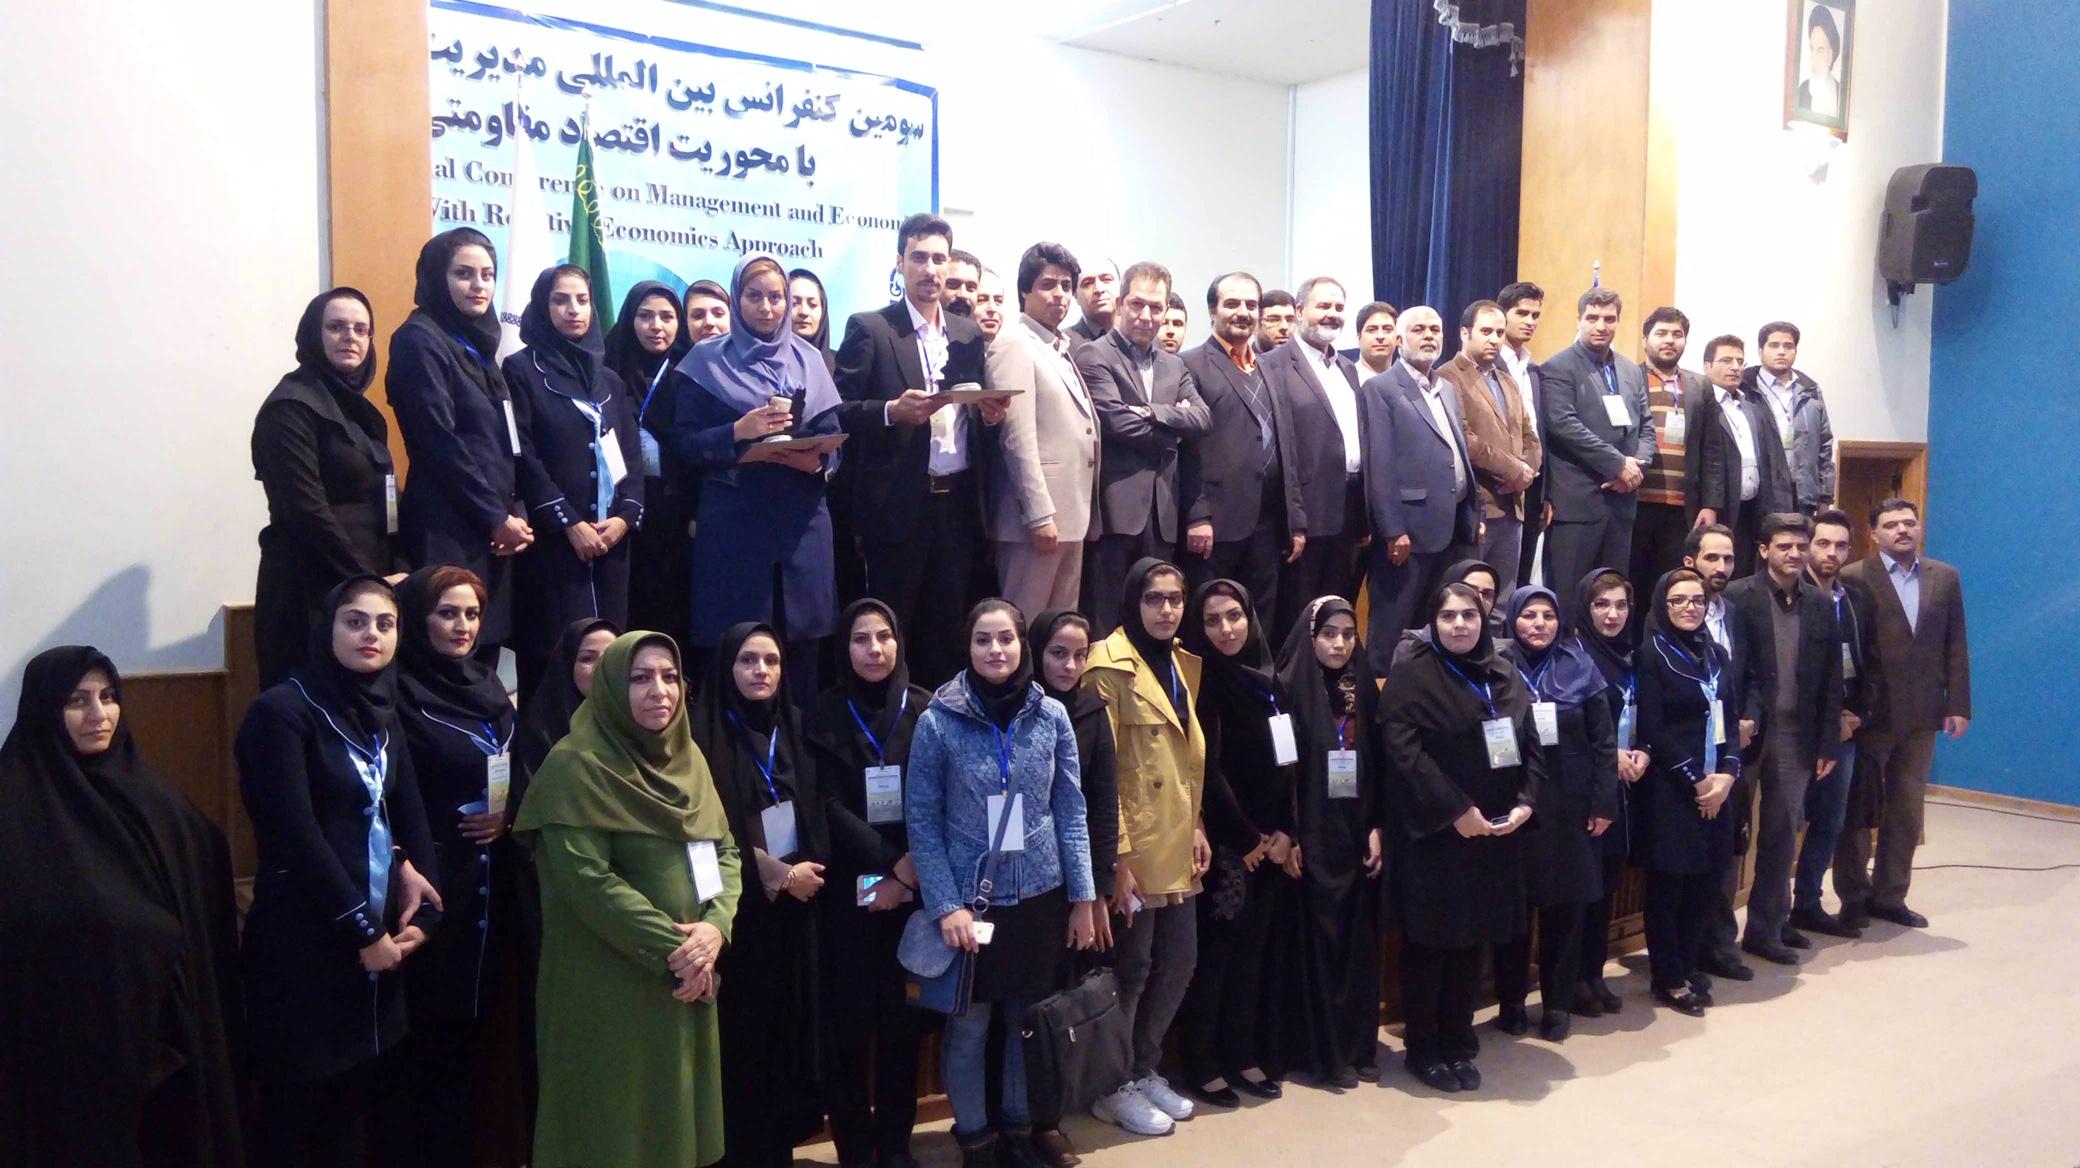 سومین کنفرانس بین المللی مدیریت با محوریت اقتصاد مقاومتی در مشهد مقدس سال 1392